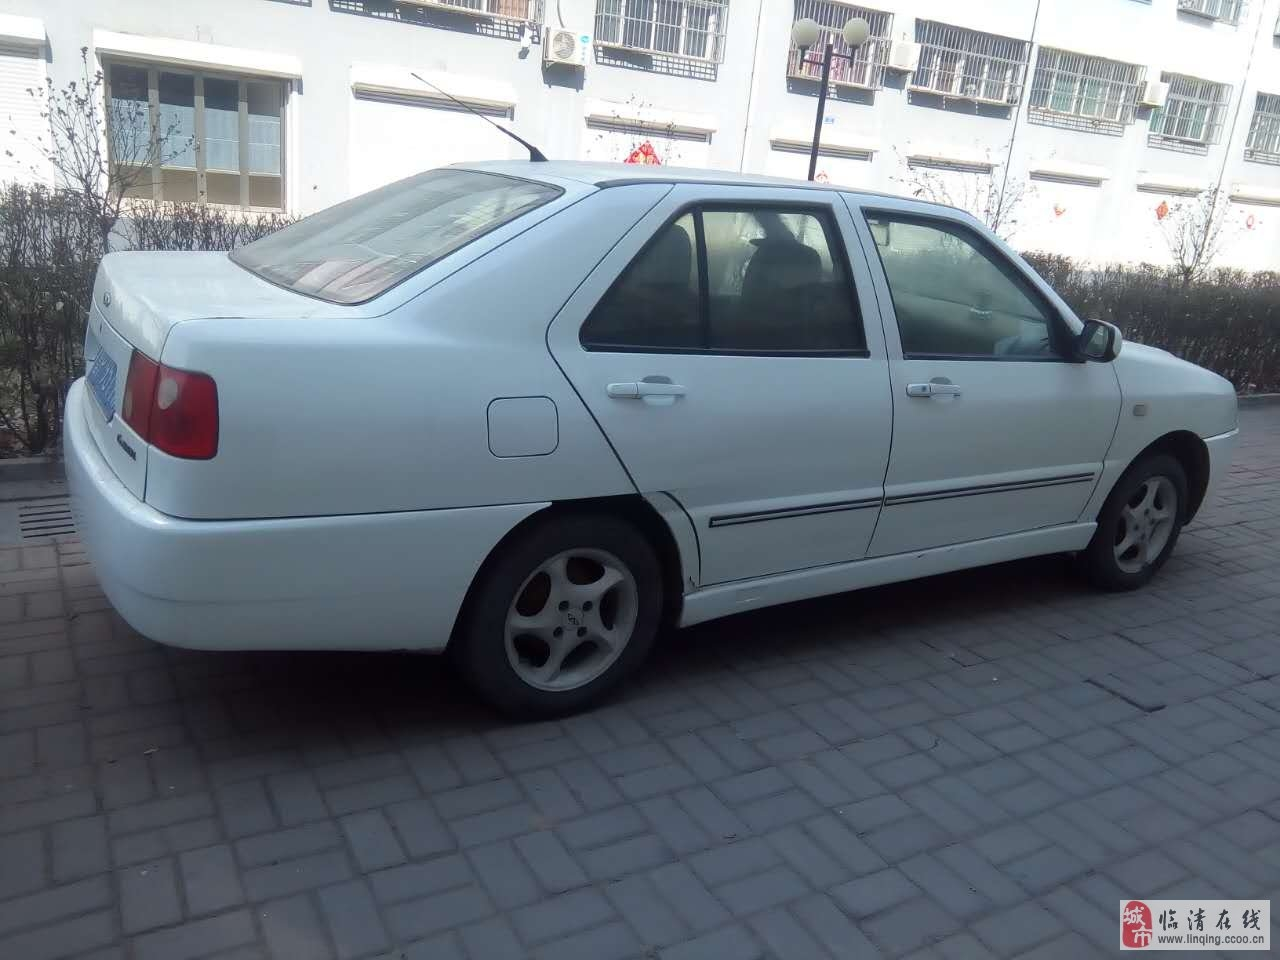 车辆图片3